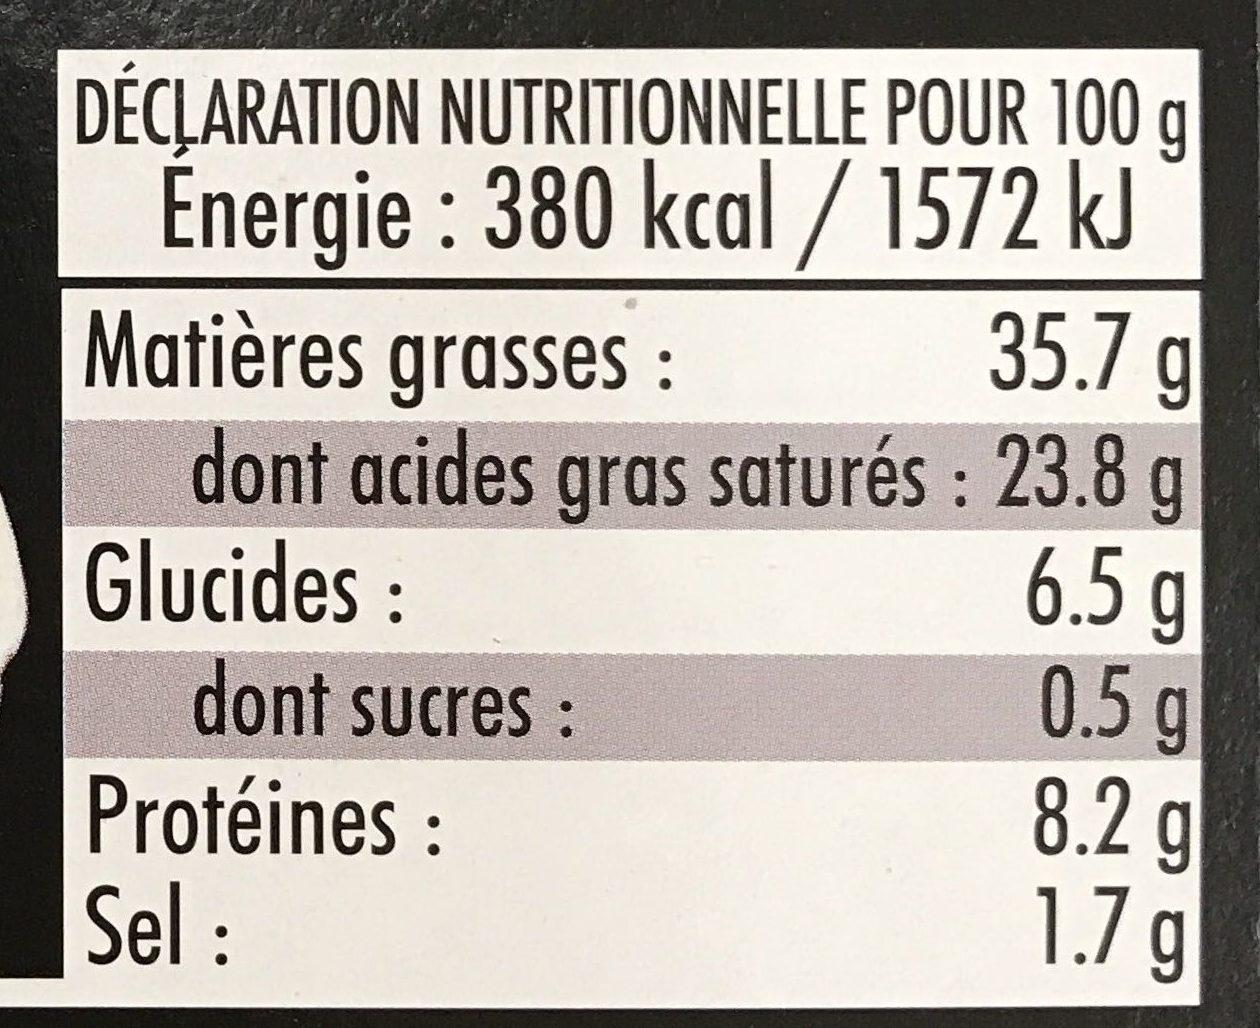 12 escargots de Bourgogne au beurre, ail et persil - Voedingswaarden - fr